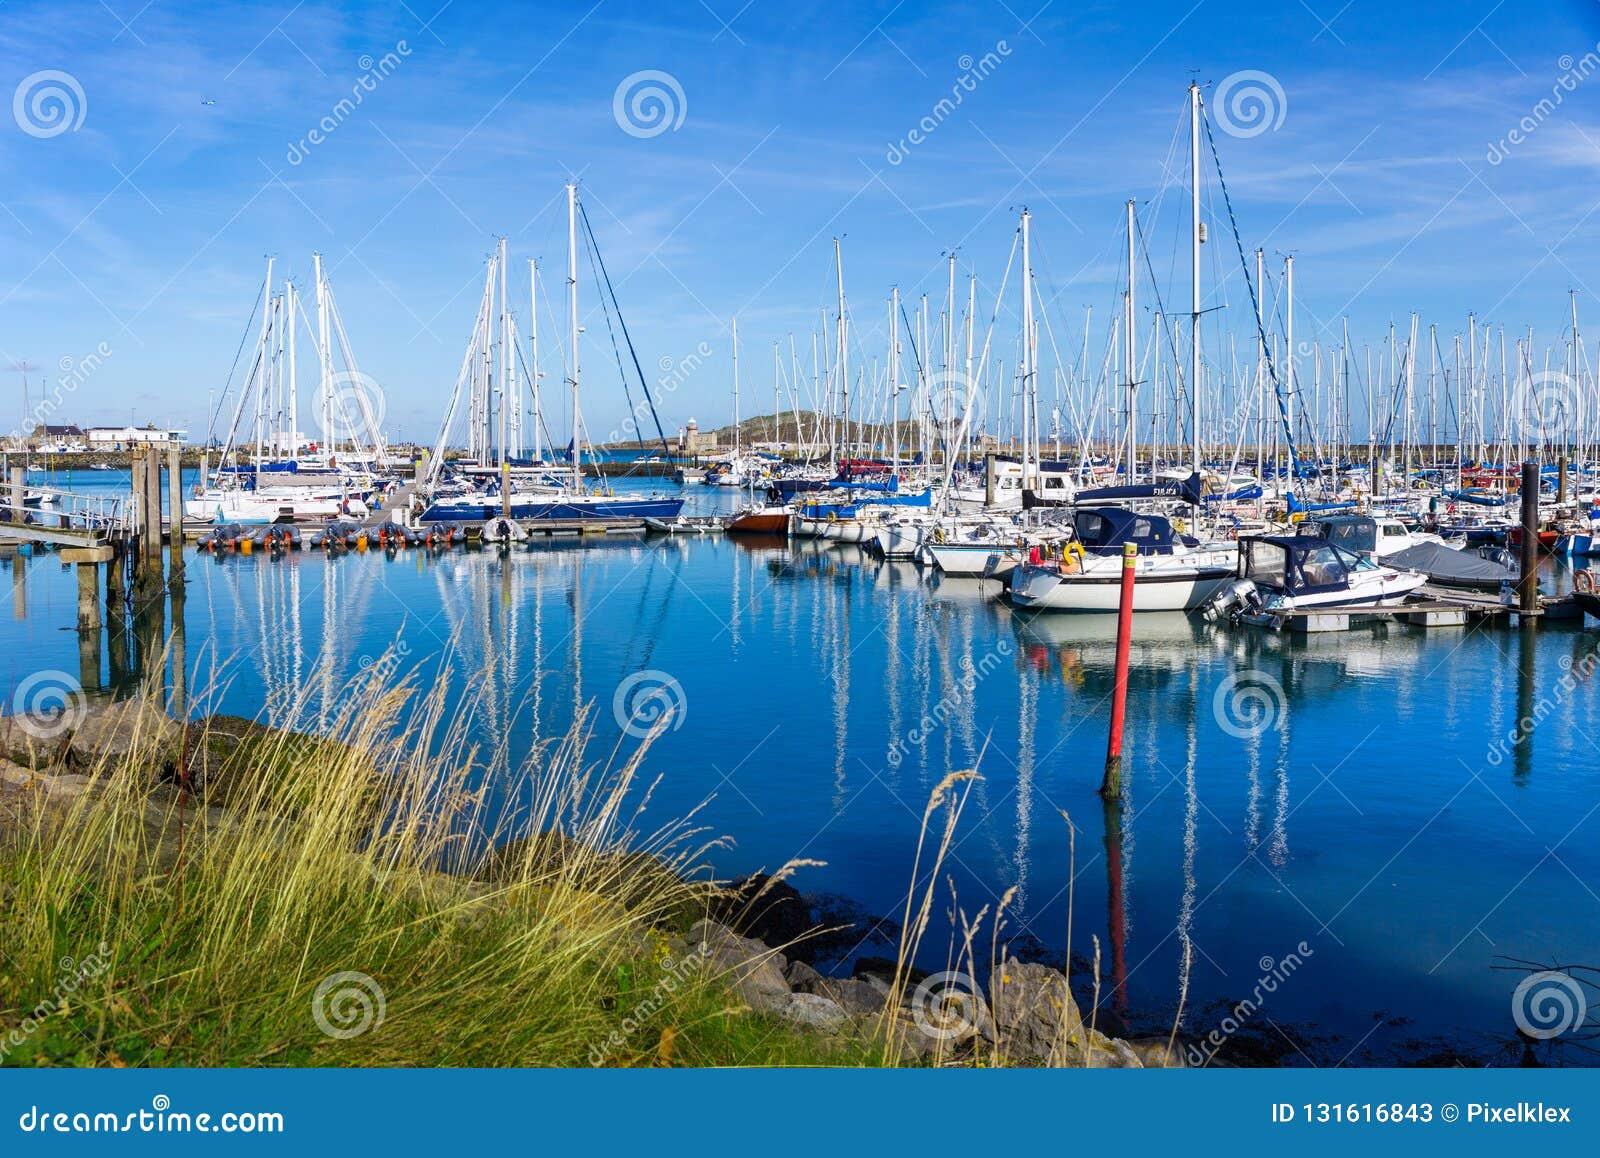 Sailboats in the harbor of Howth near Dublin